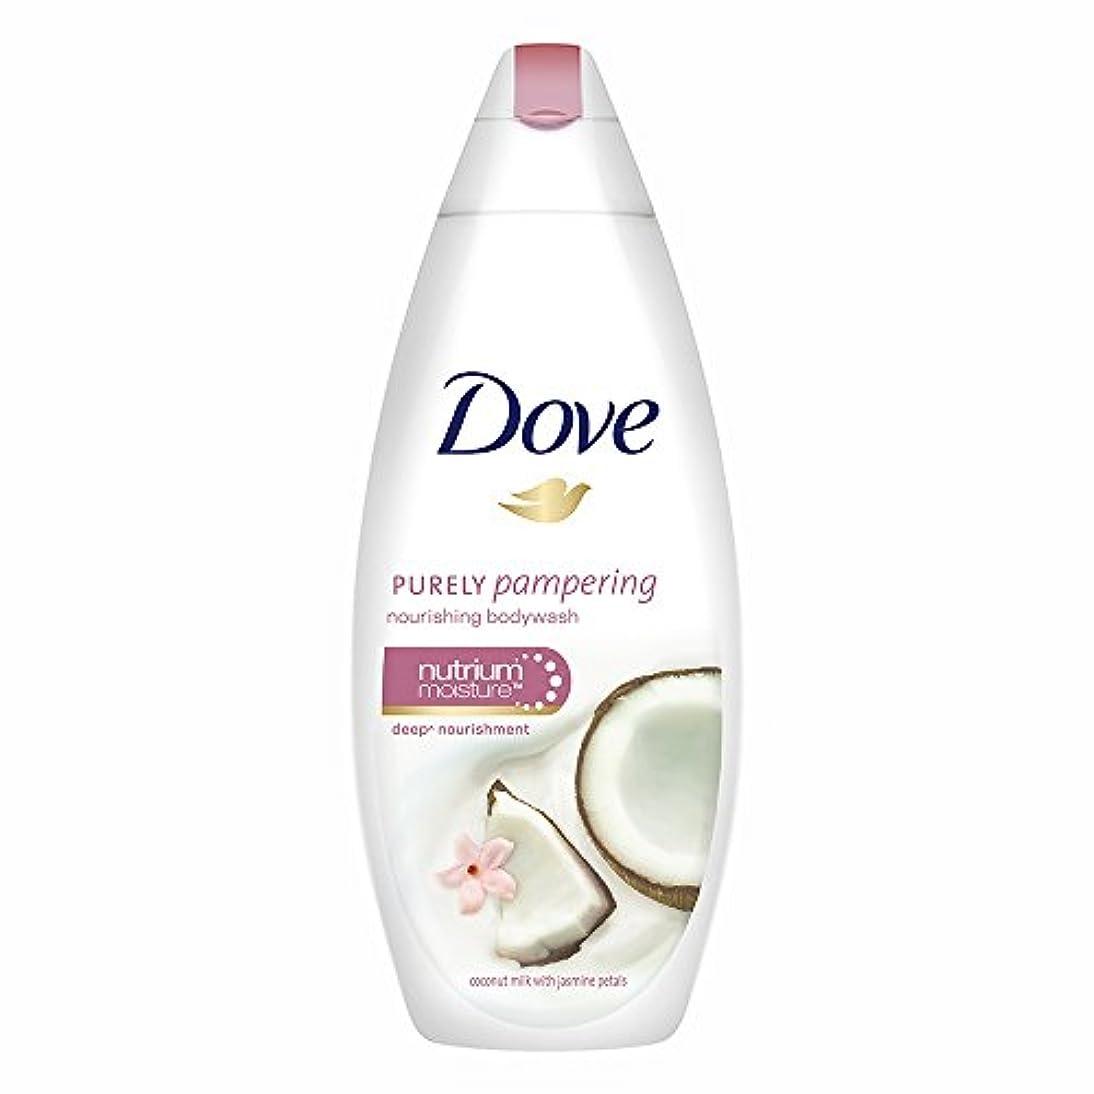 極地アラスカ八百屋Dove Purely Pampering Coconut Milk and Jas Petals Body Wash, 190ml